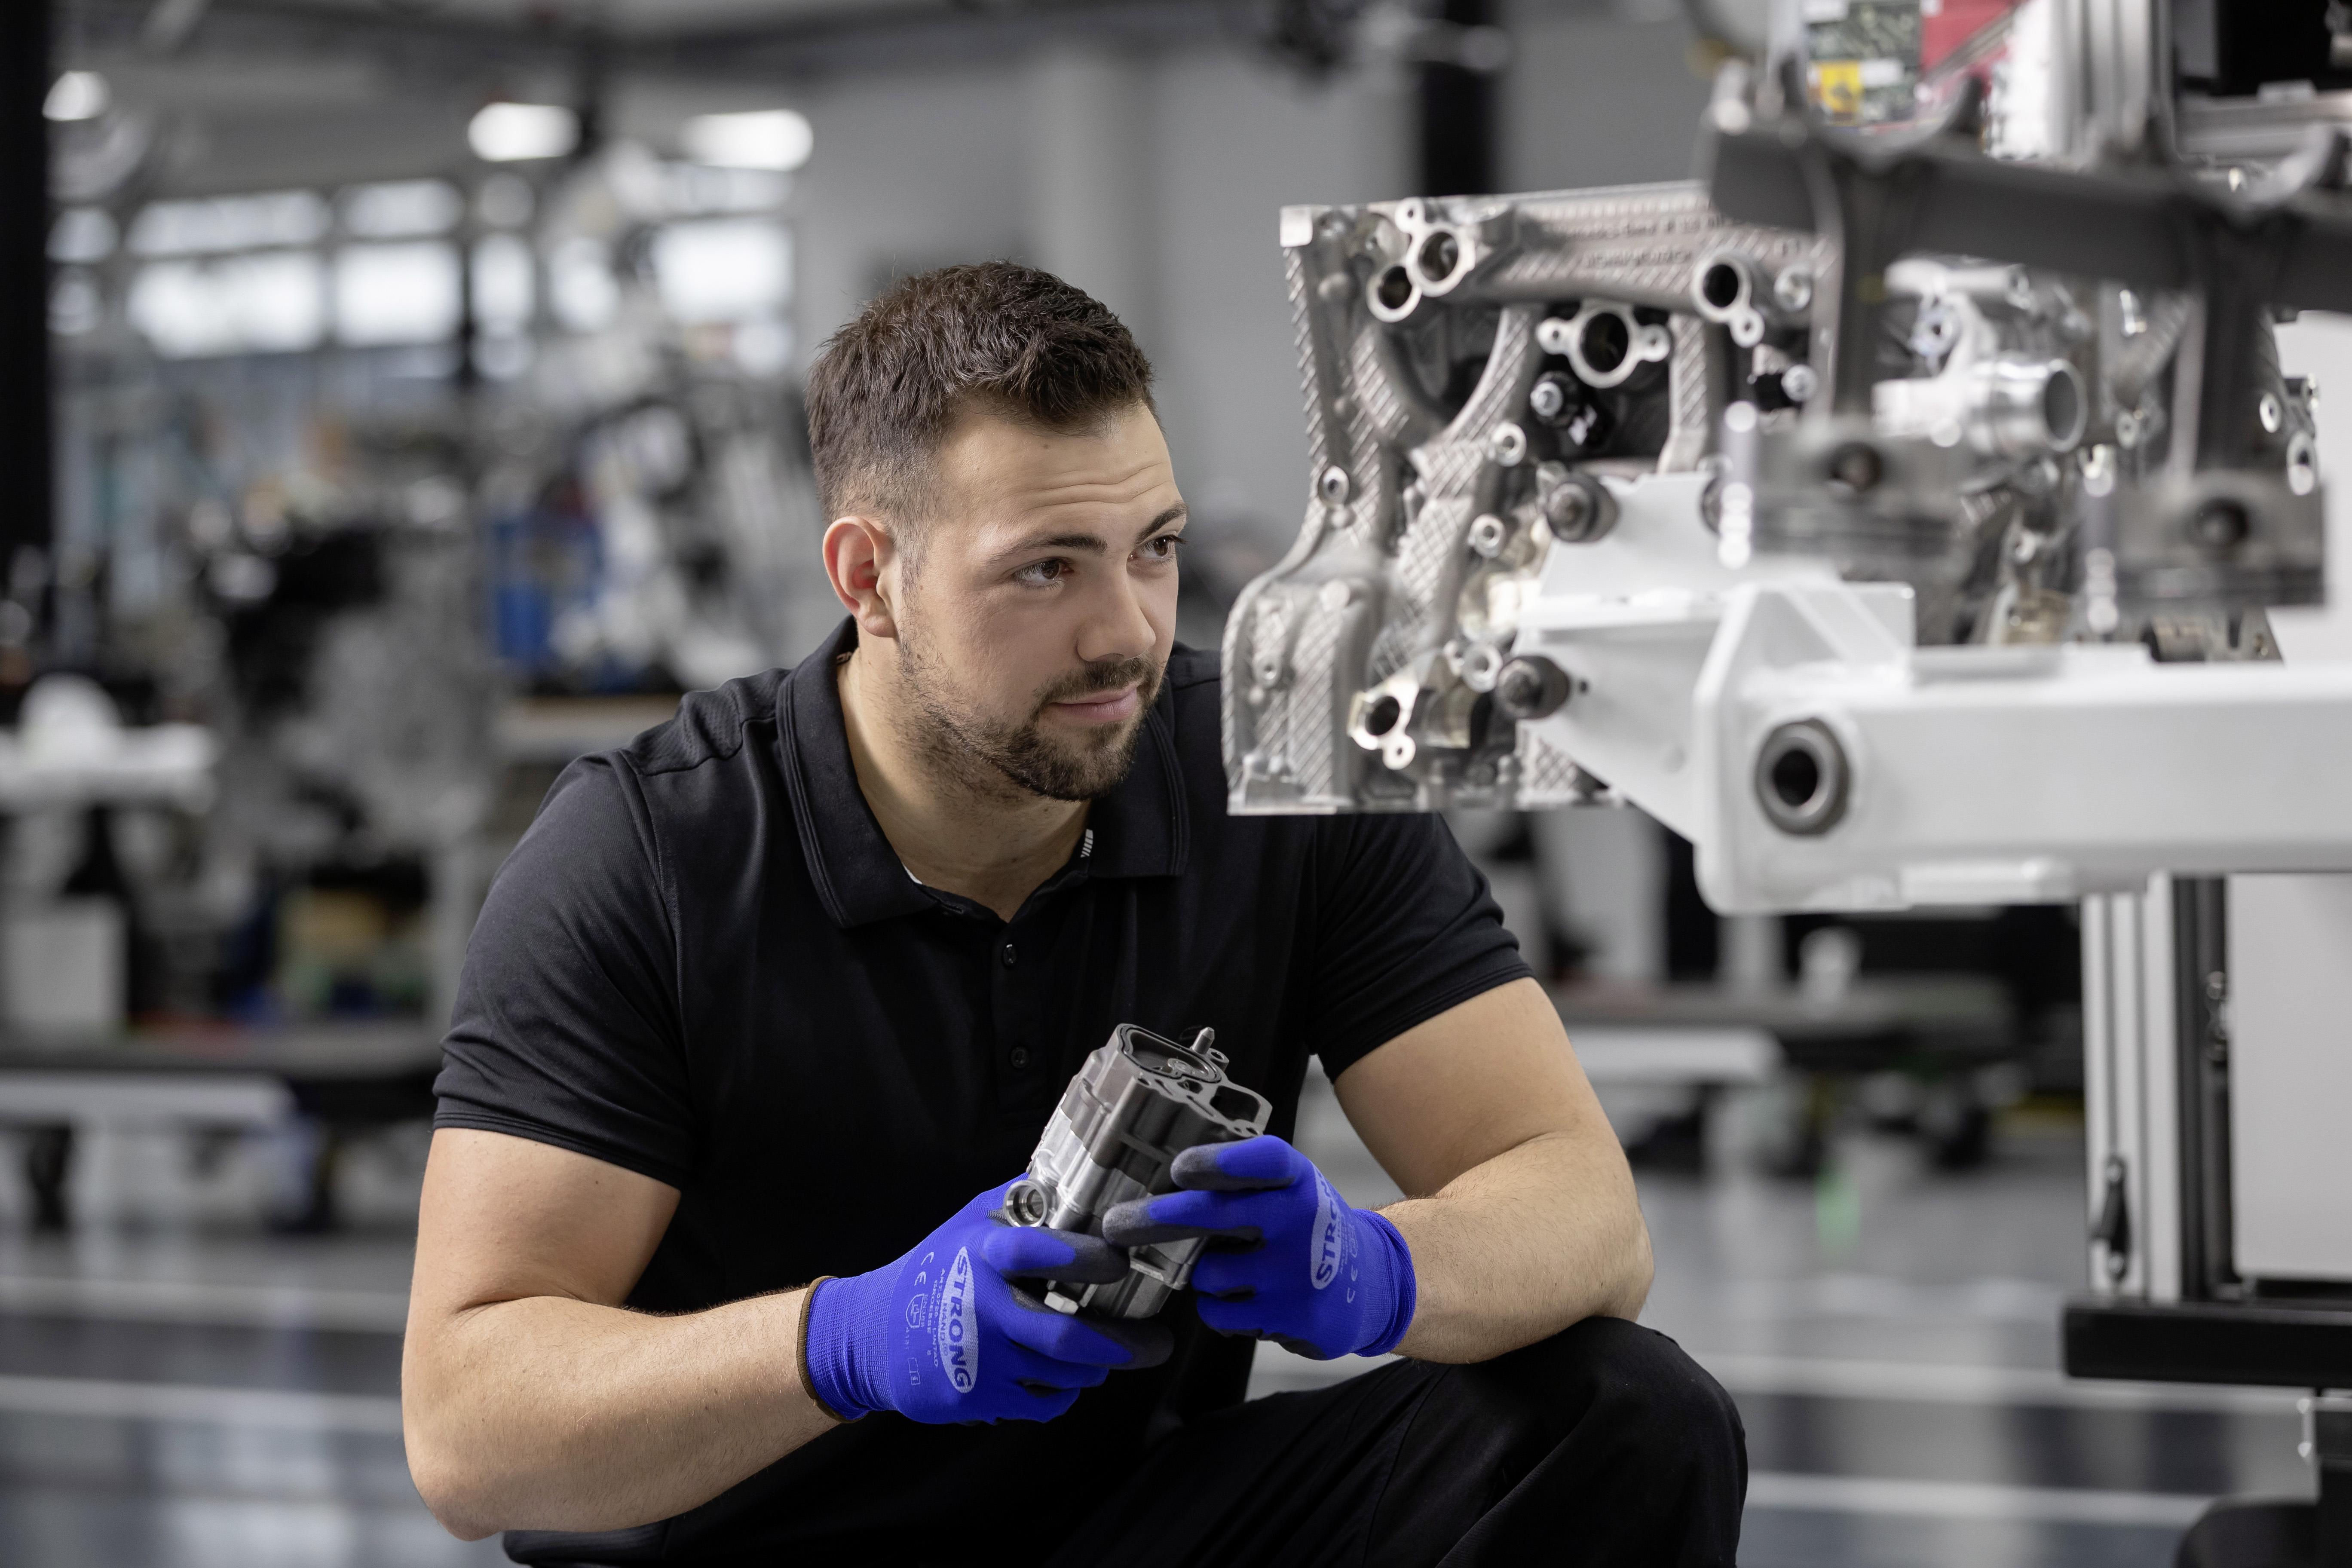 A45 AMG: One Man One Engine